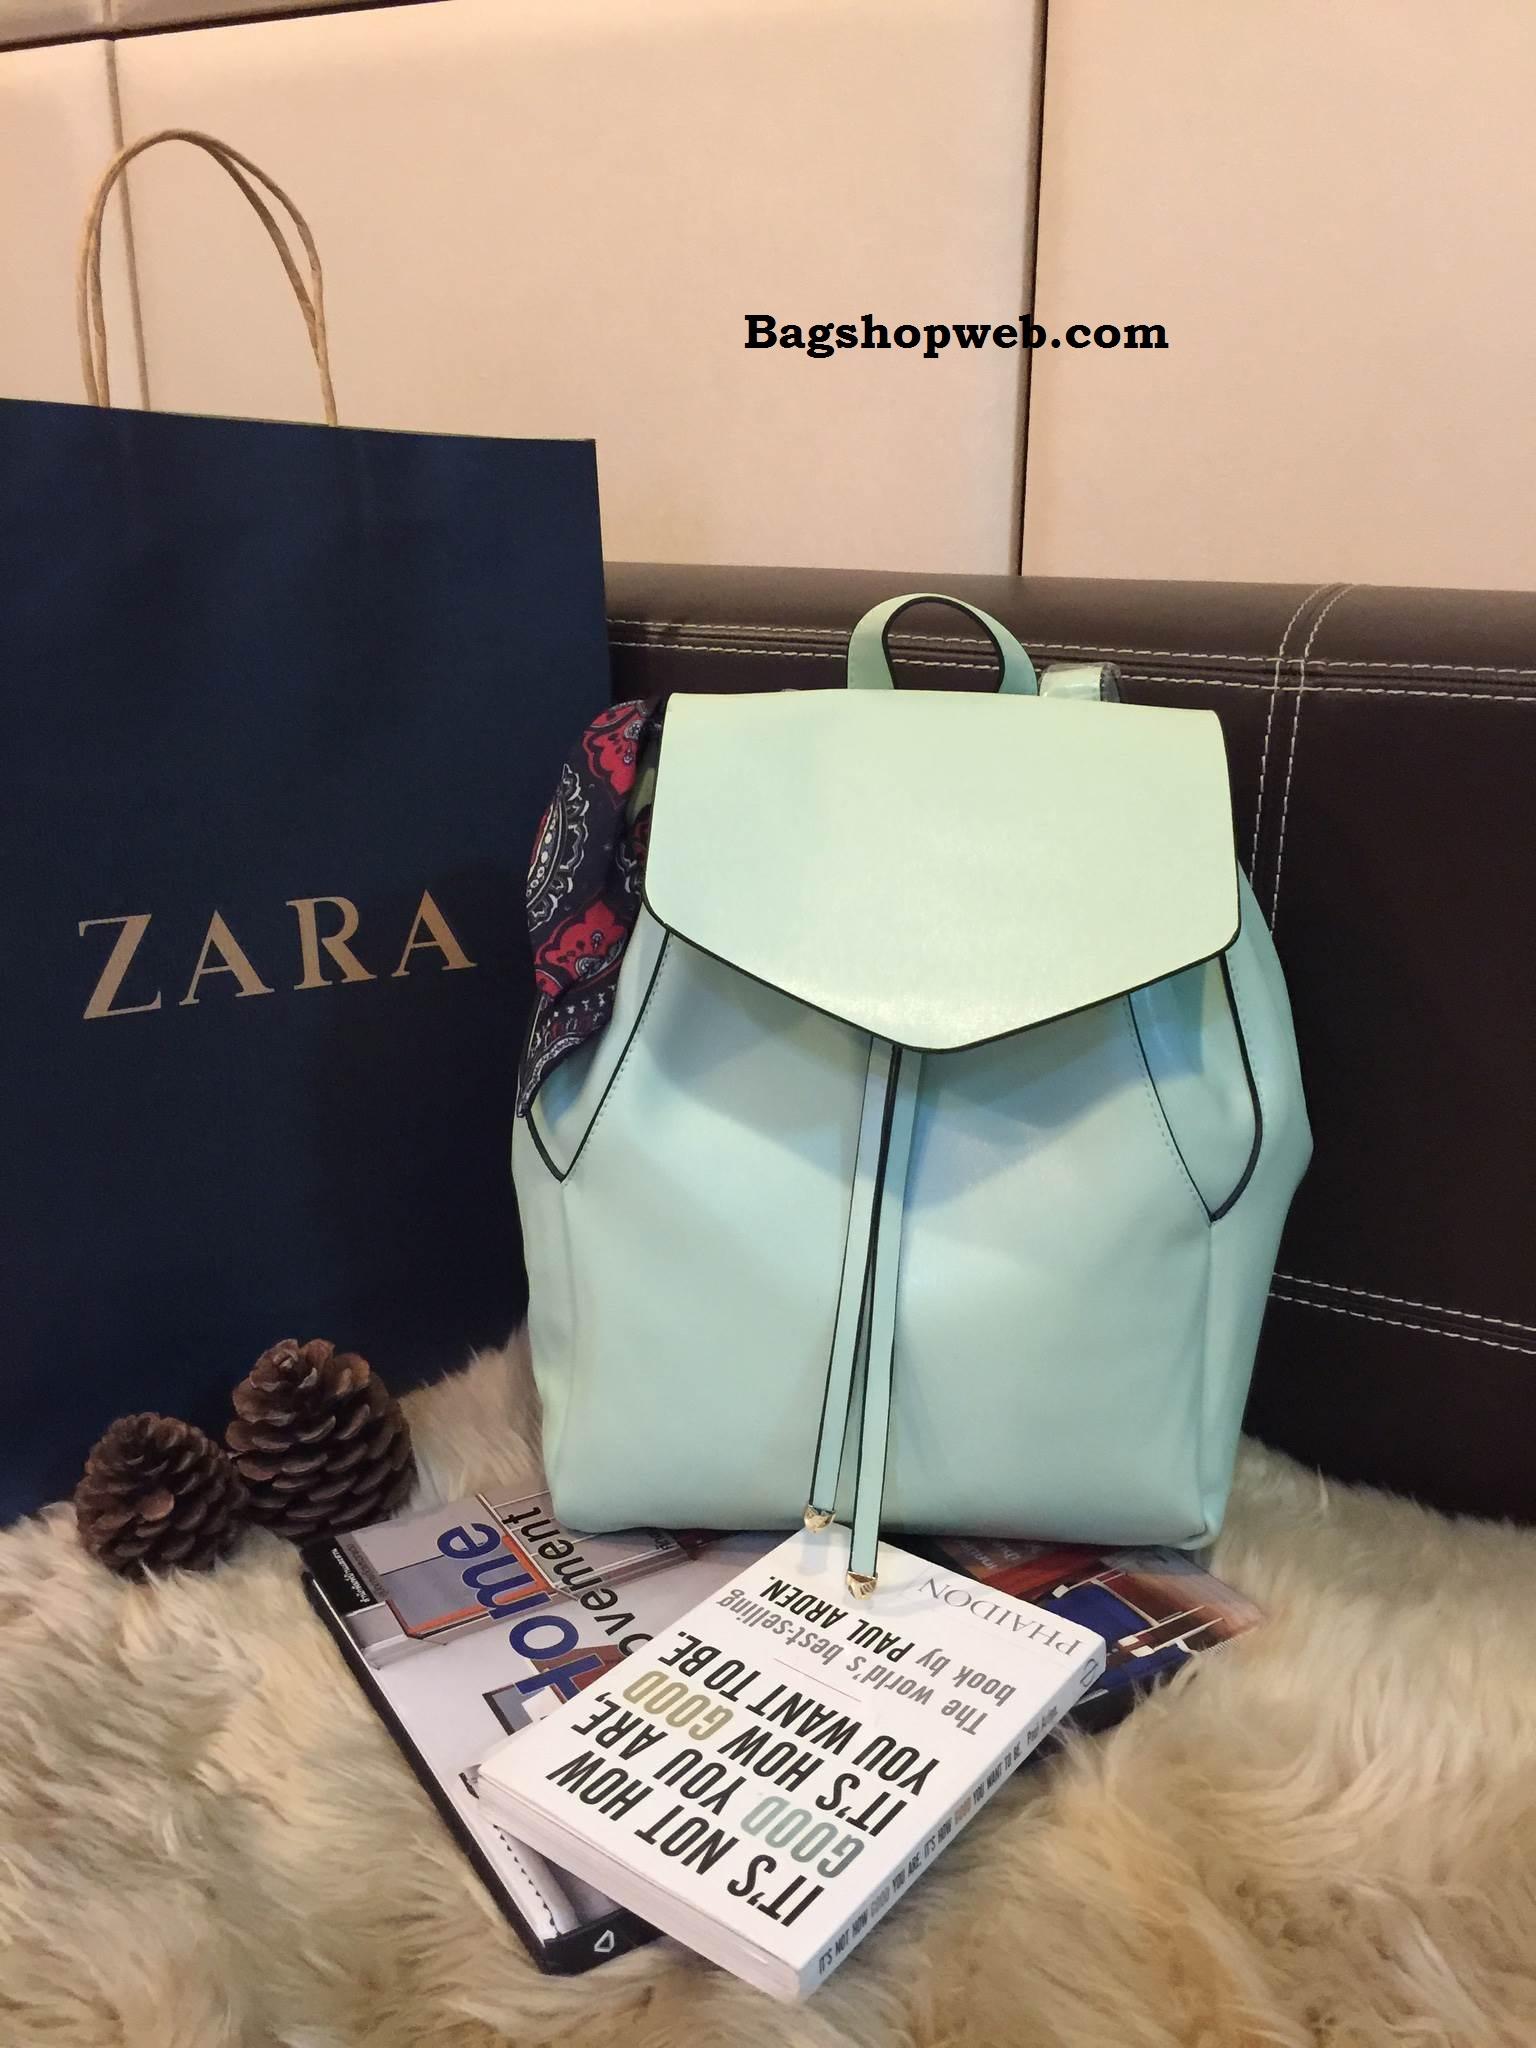 กระเป๋าเป้ Zara Backpack With Scarf สีฟ้าอ่อน ราคา 1,290 บาท Free Ems